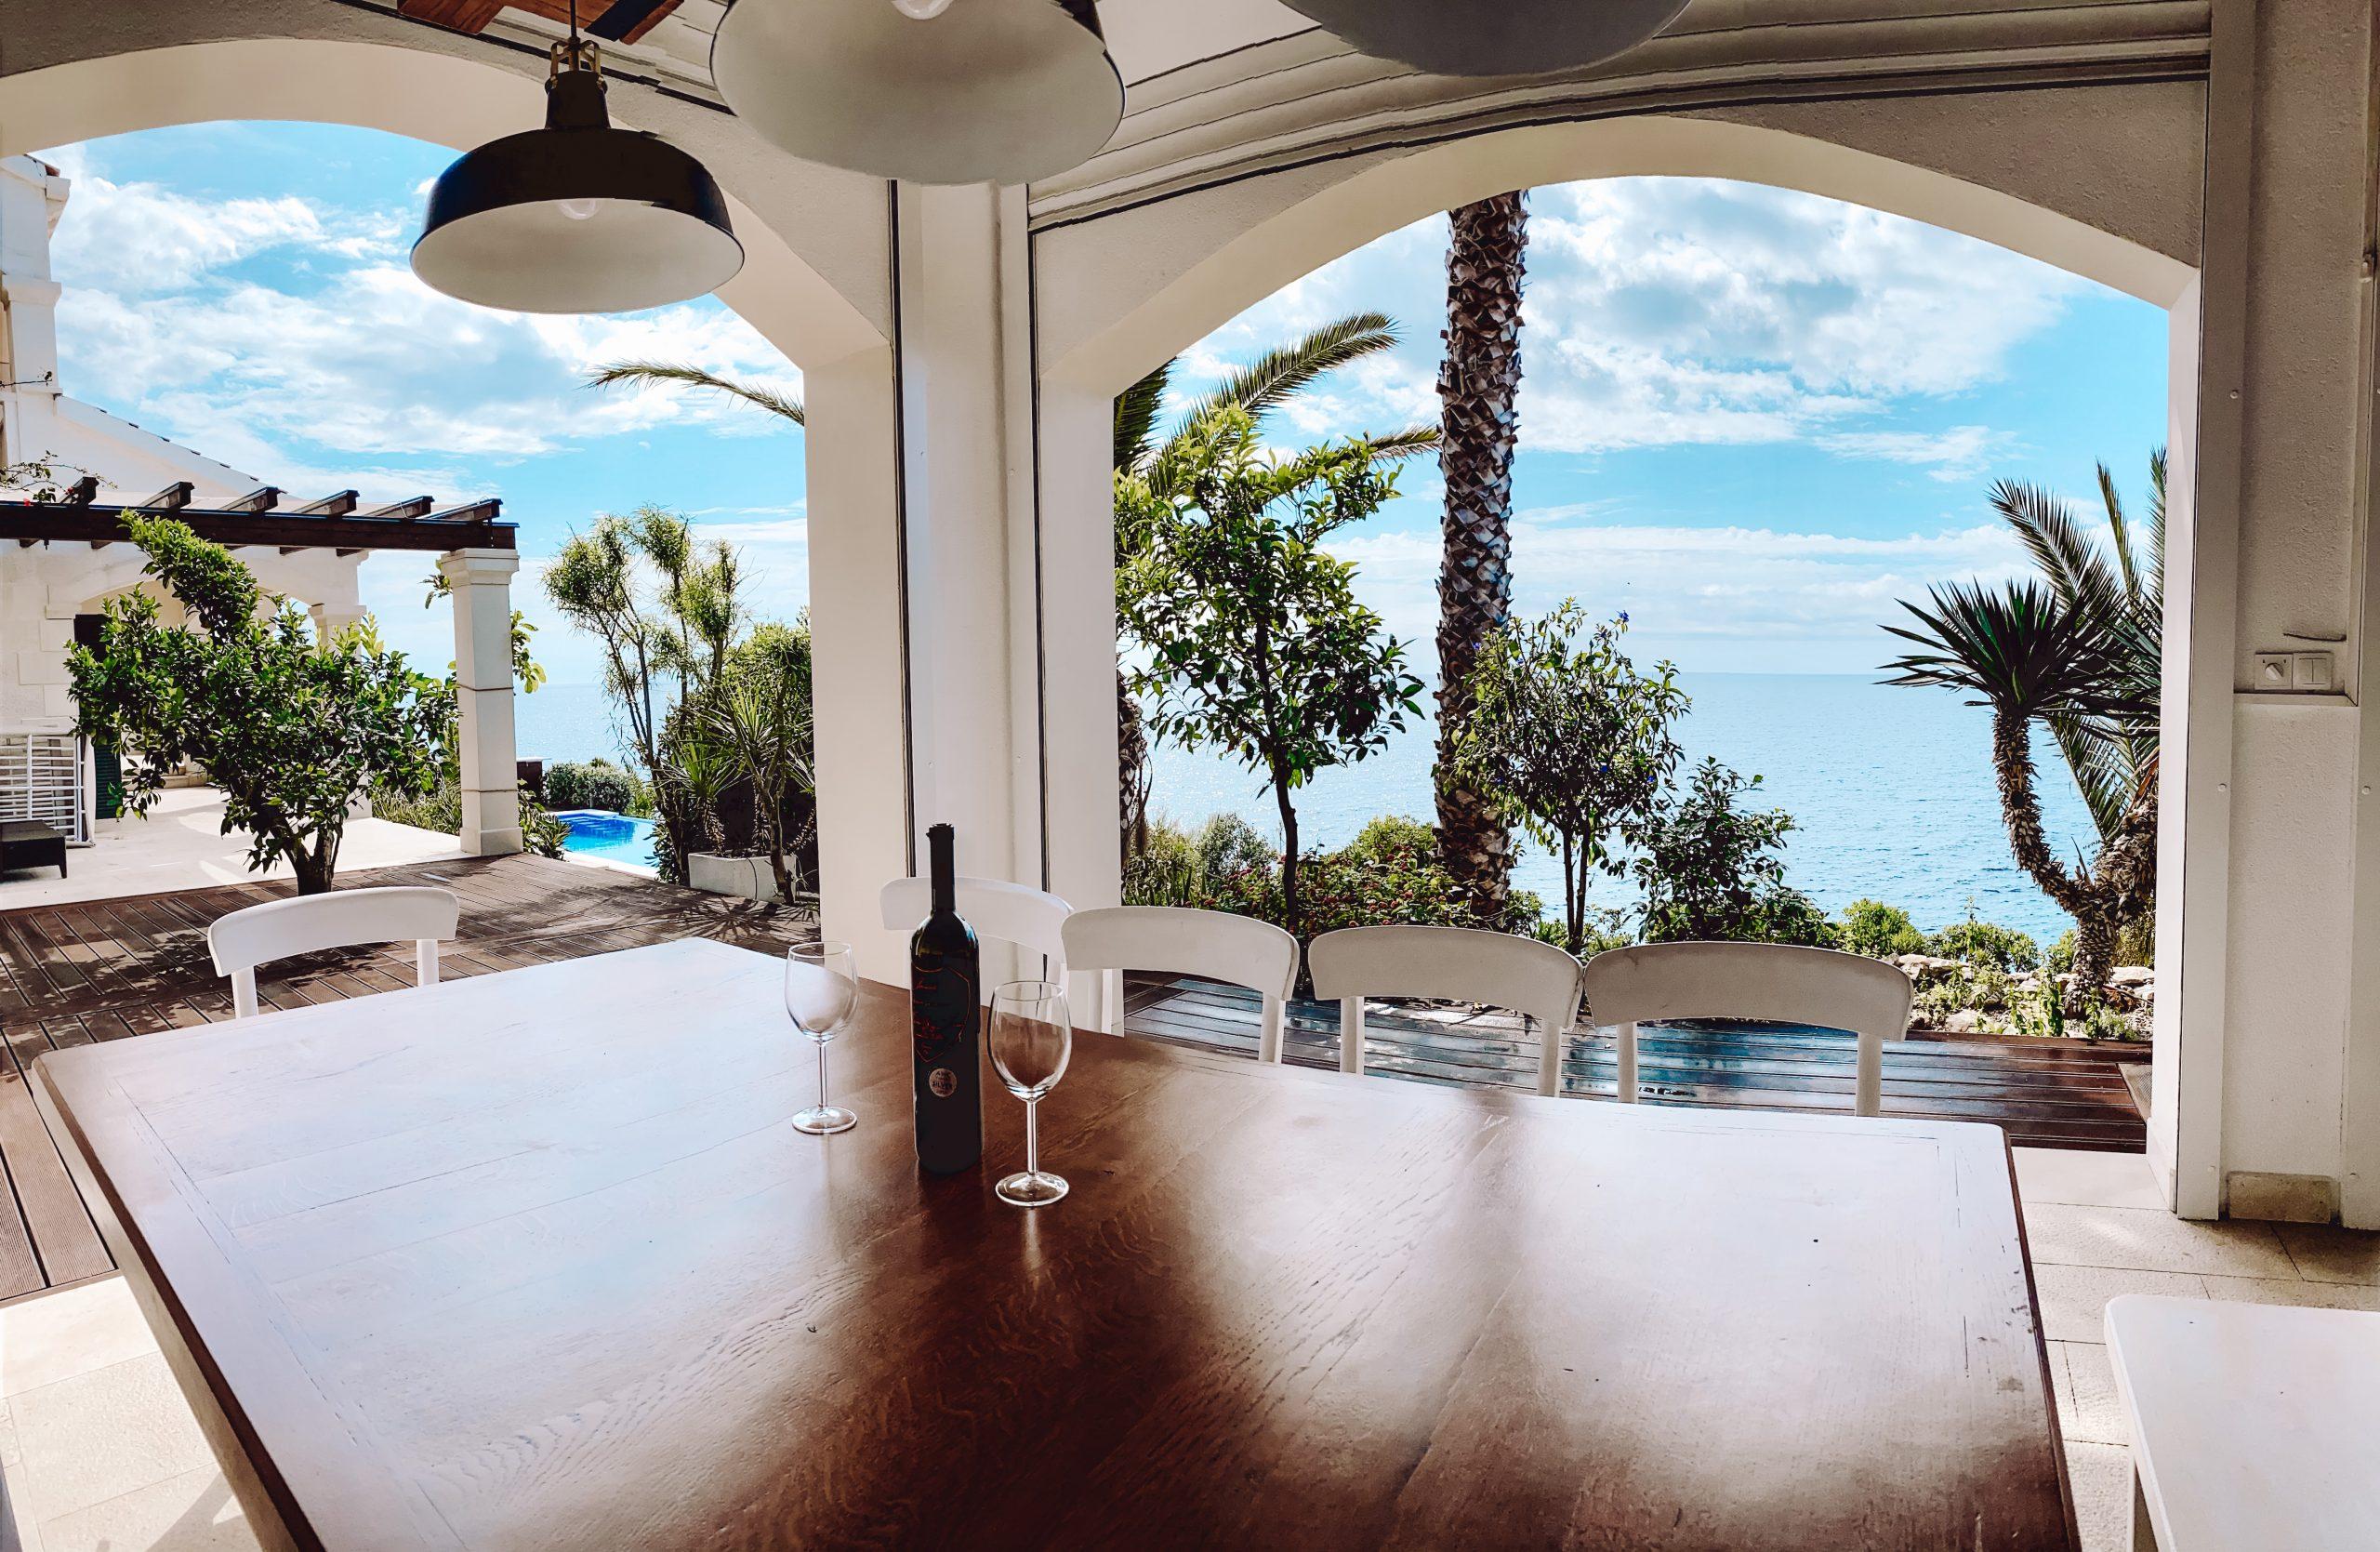 Villa SeaBreeze - Outdoor Area Terrace